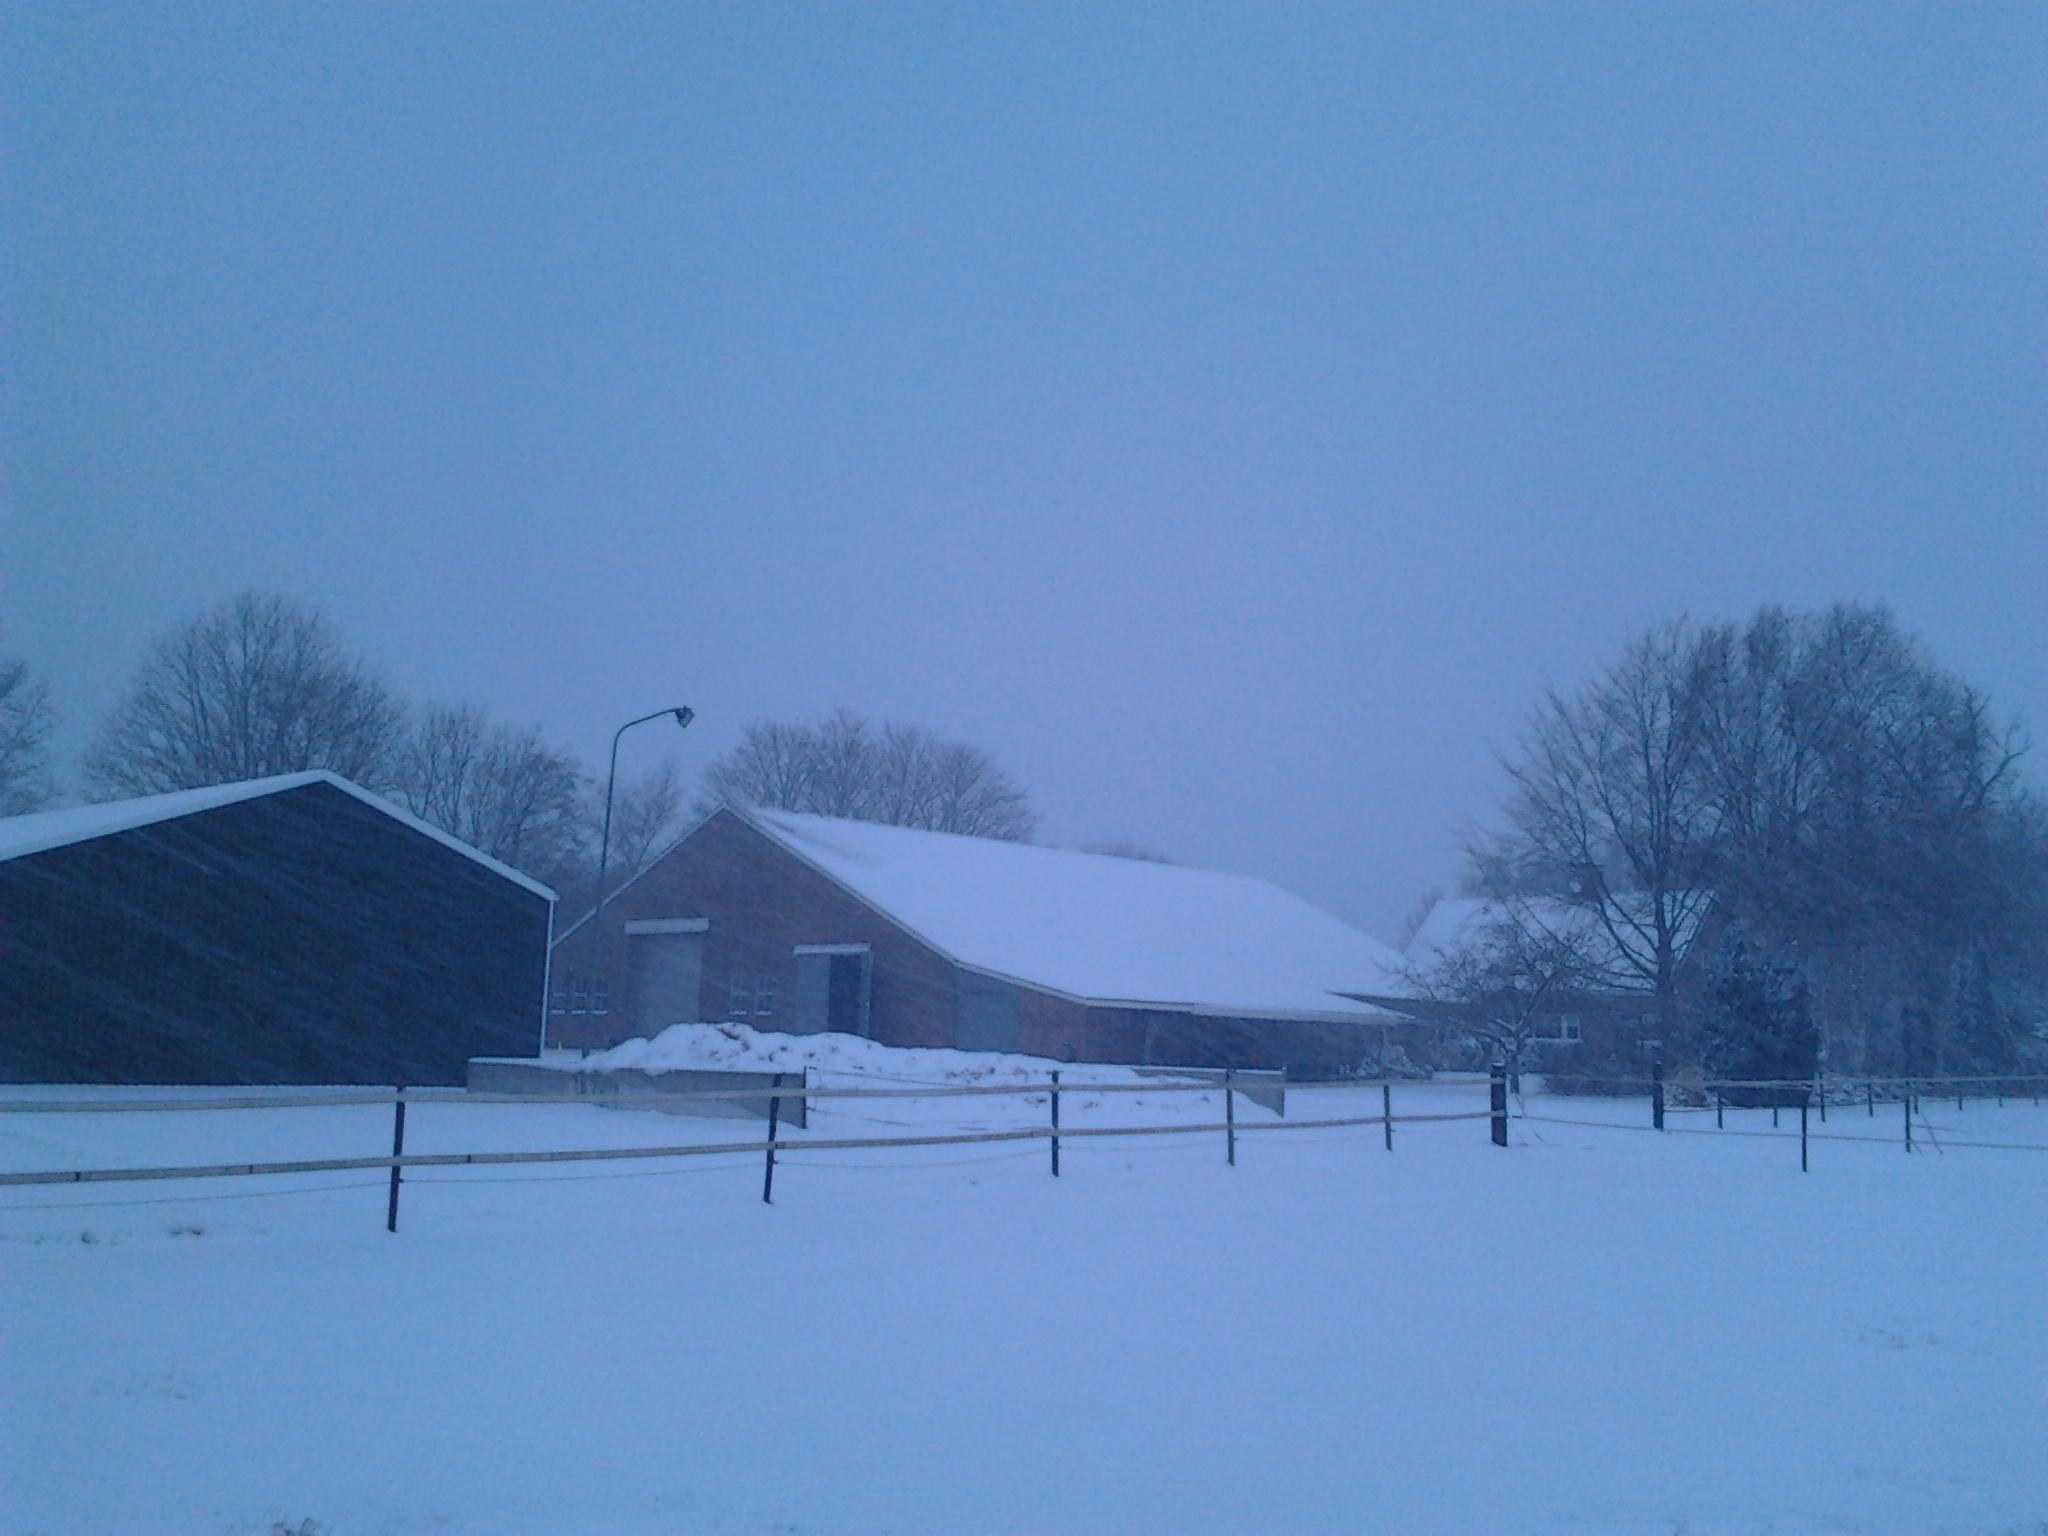 Als het echt slecht weer is (ijzel, storm, onweer) blijven de paarden binnen.